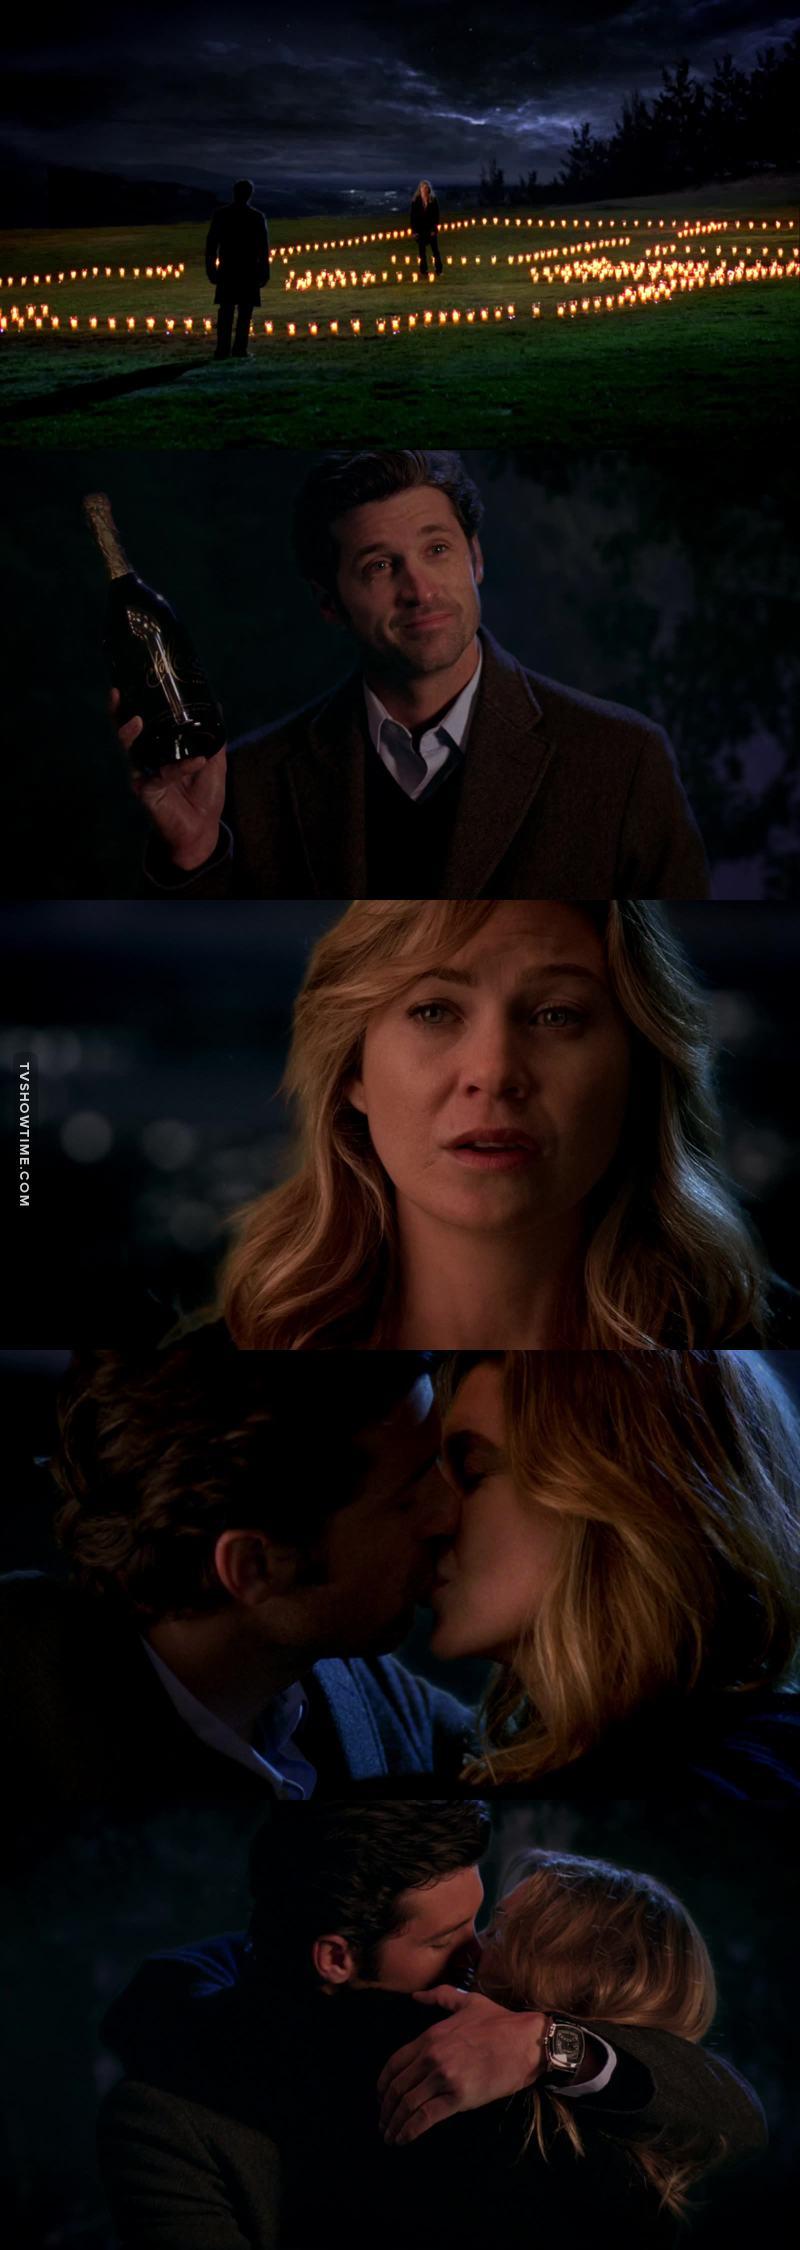 Tentando encontrar palavras para descrever o quanto amei essa cena